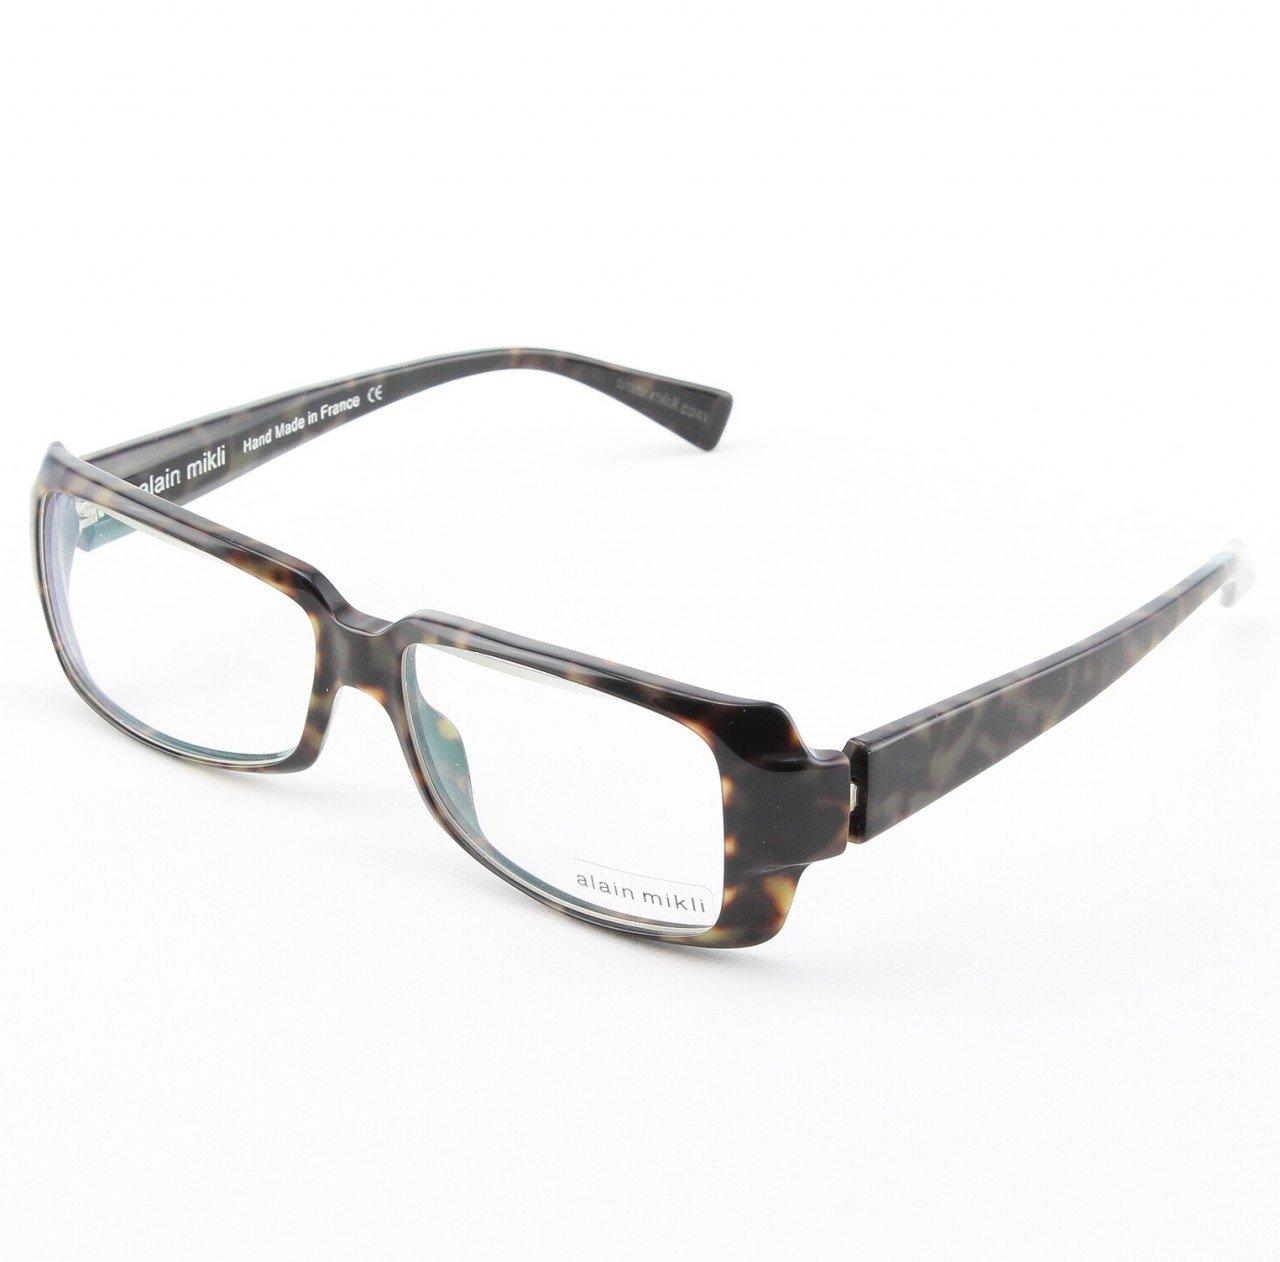 Alain Mikli Eyeglasses AL0940 Col. 2 Taupe Tortoise